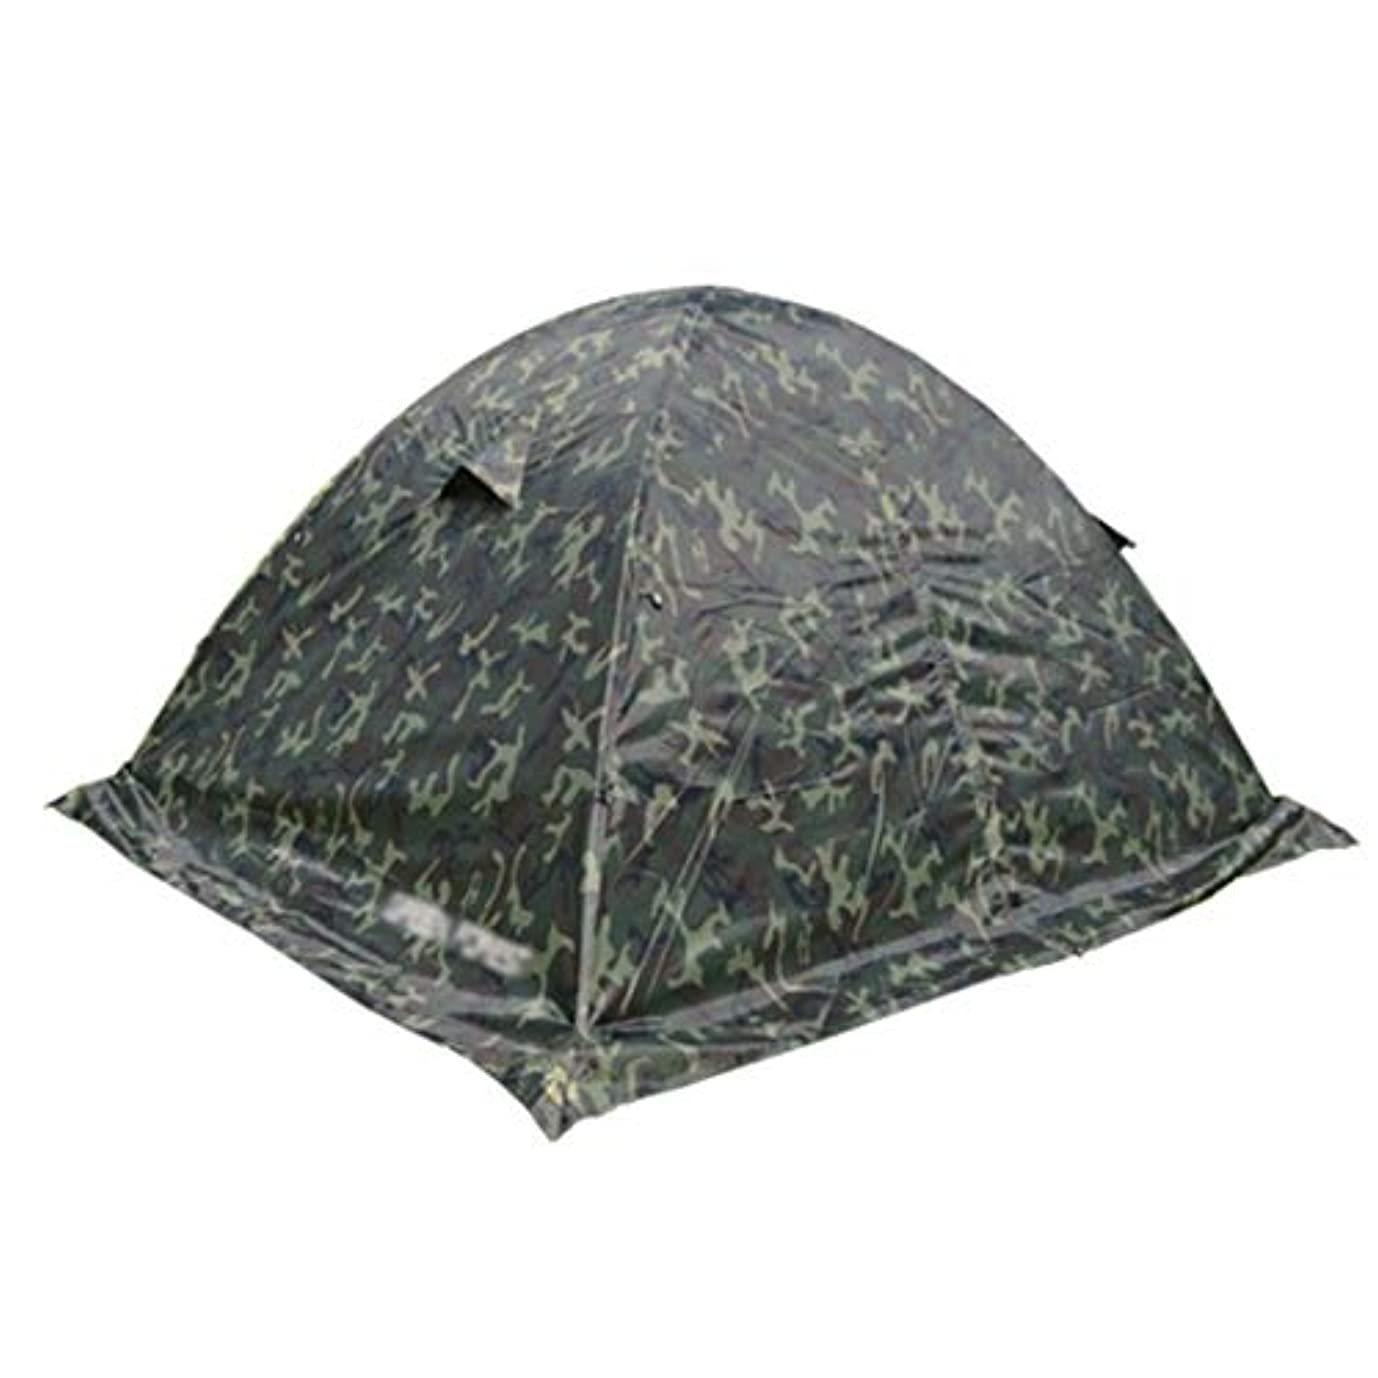 前者連結するレビューNekovan 4-6人キャンプテントサンシェード蚊バックパッキングテント組み立てる必要がある迷彩で屋外スポーツ用テント (サイズ : 4-6P)